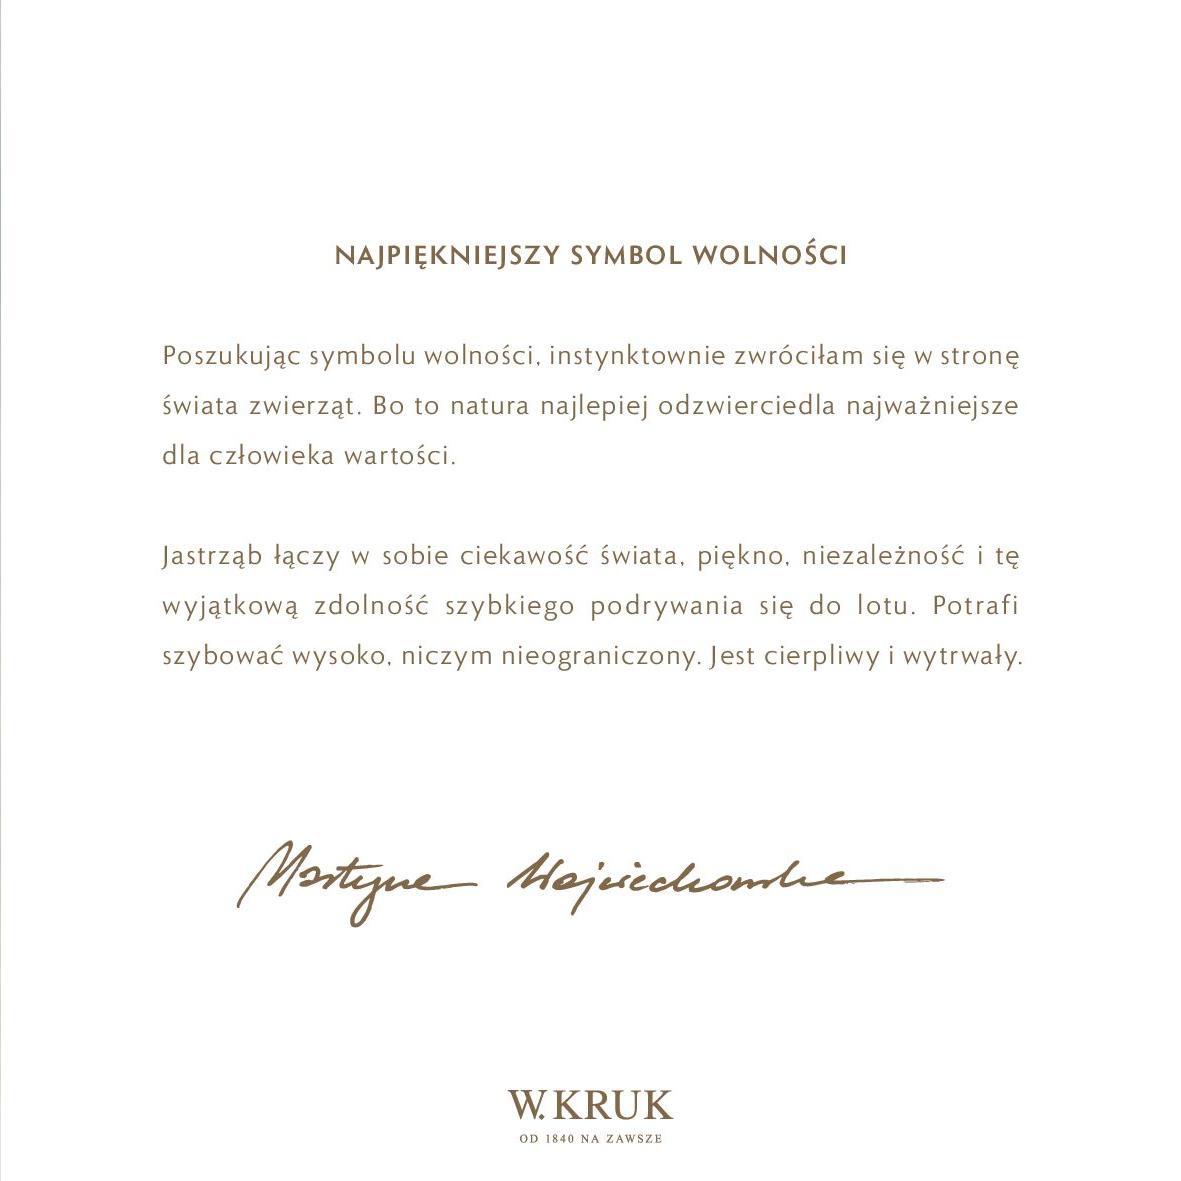 Gazetka W. KRUK: Katalog - Kolekcja Freedom 2021-02-17 page-19